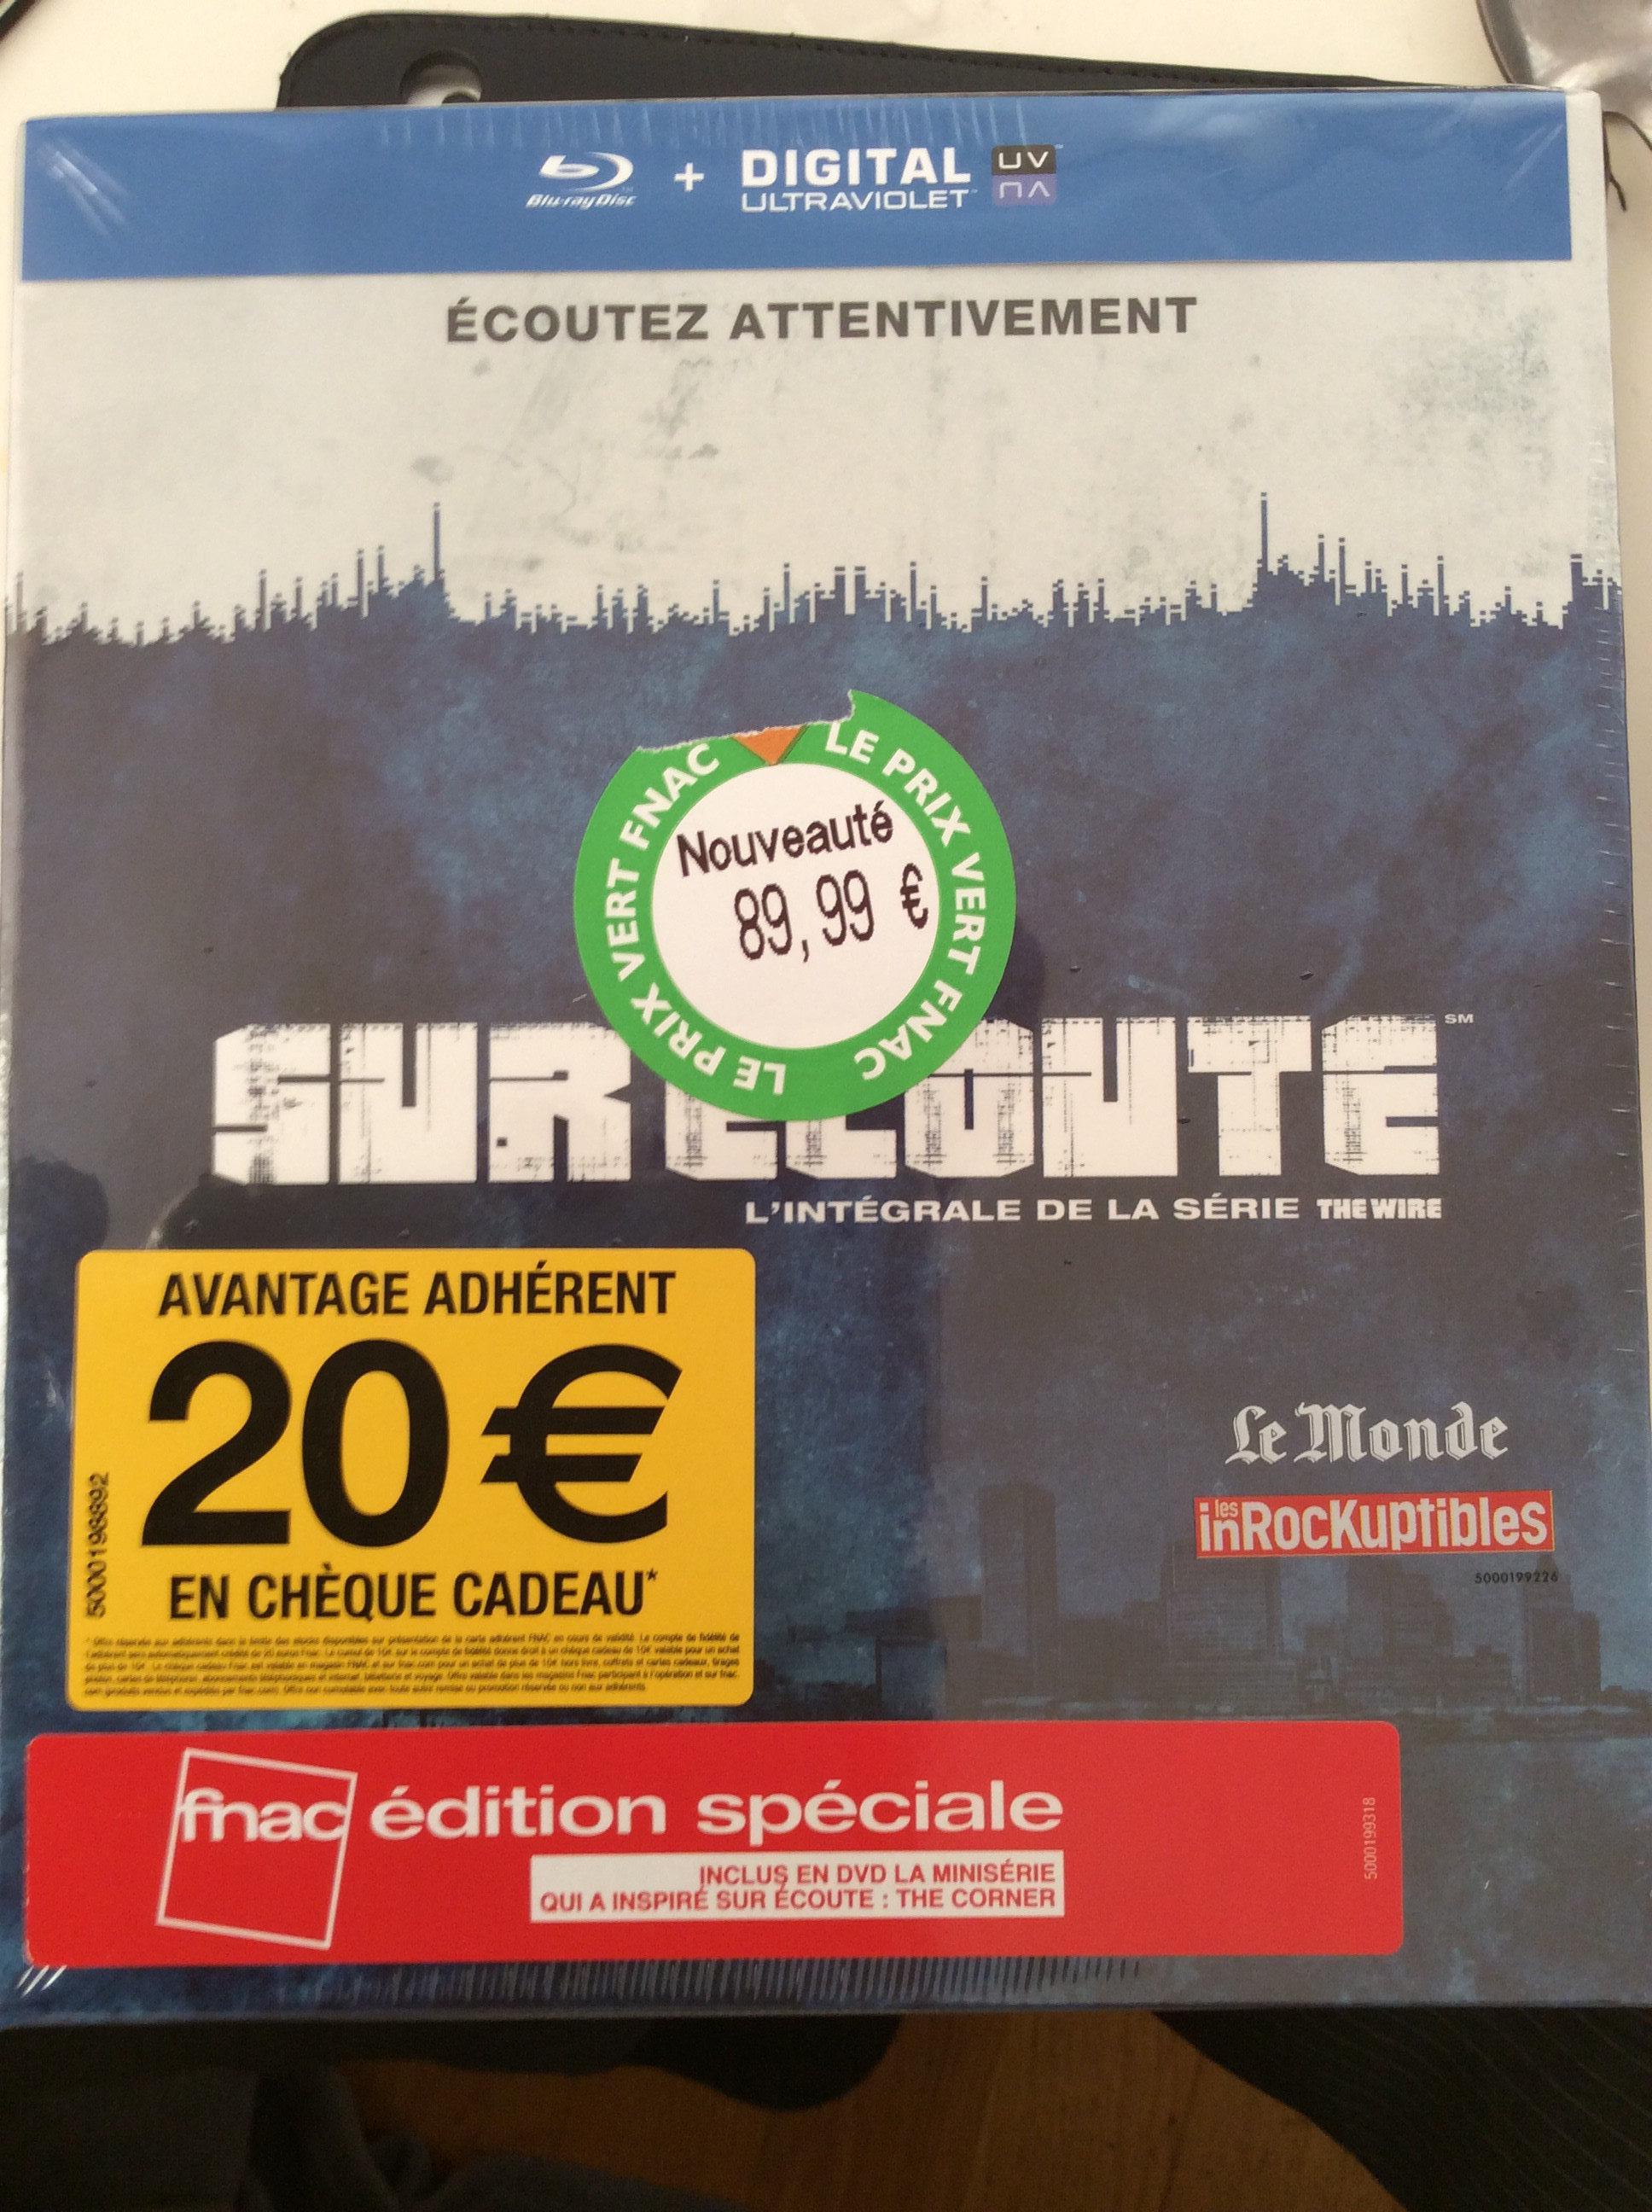 [Adhérents] Coffret Blu-ray The Wire / Sur Ecoute - L'intégrale des saisons 1 à 5 + 20€ en chèque cadeau